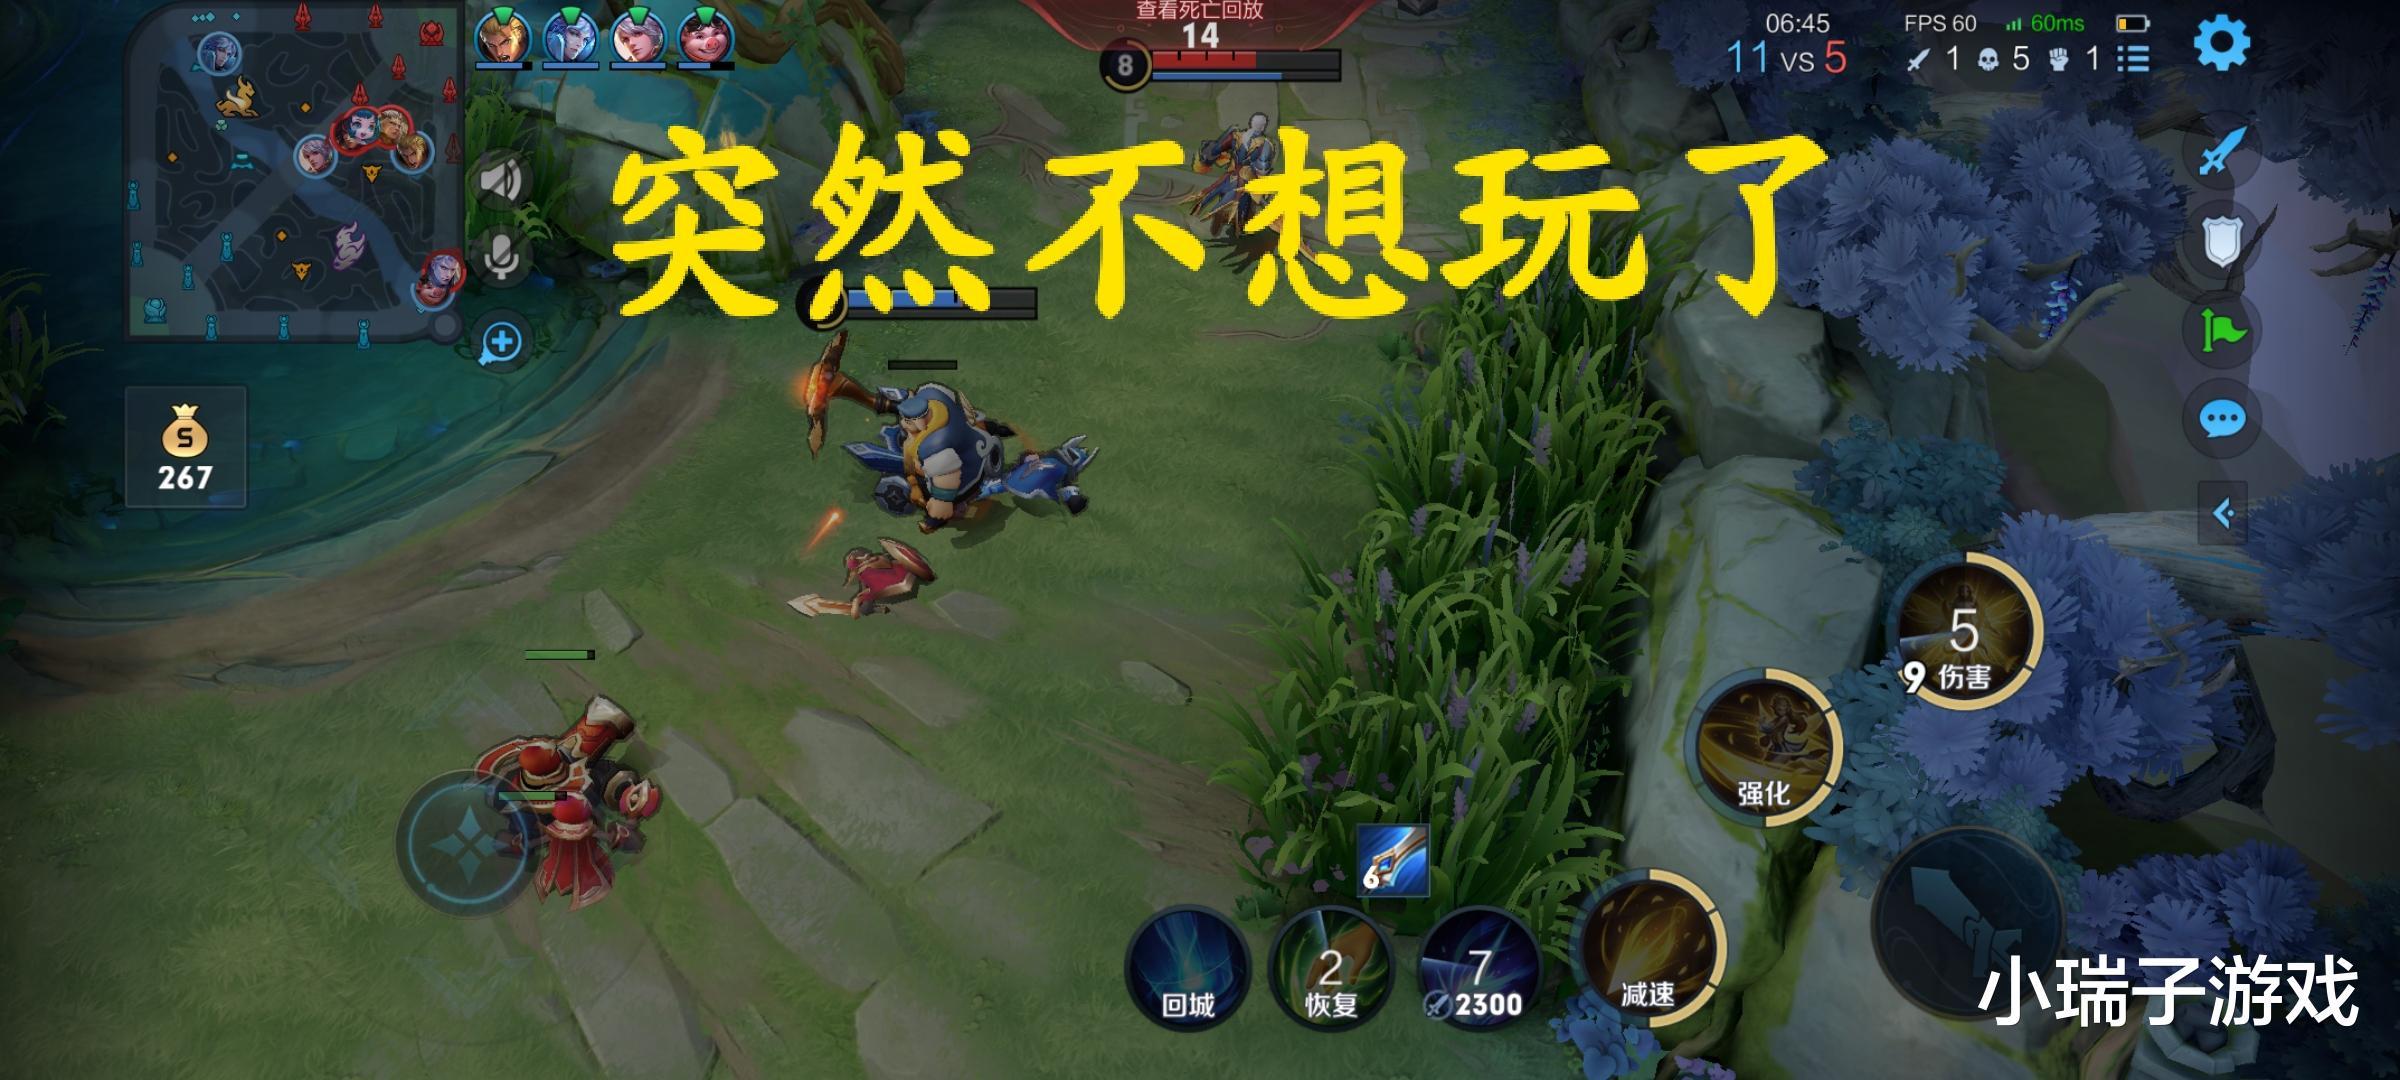 《【煜星app登录】王者荣耀:为何顺风局都有队友发起投降?他们就这么想当演员吗?》